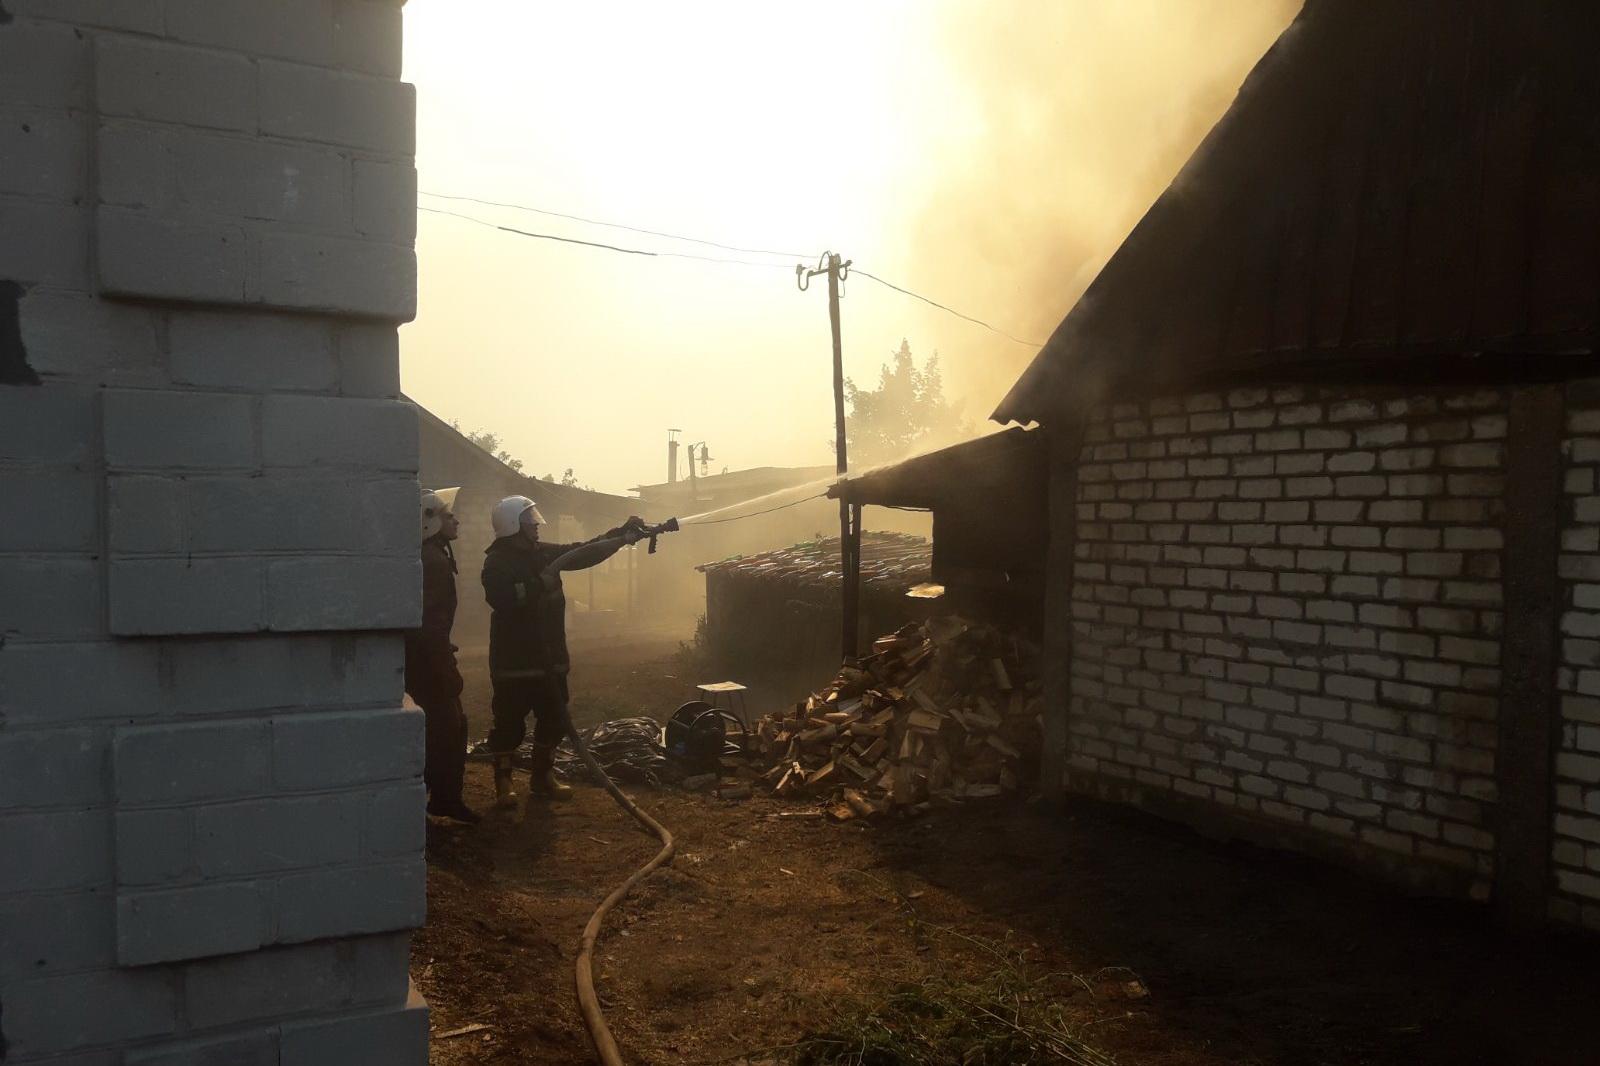 клапан водопроводной фото домов жиганского района работе нас один